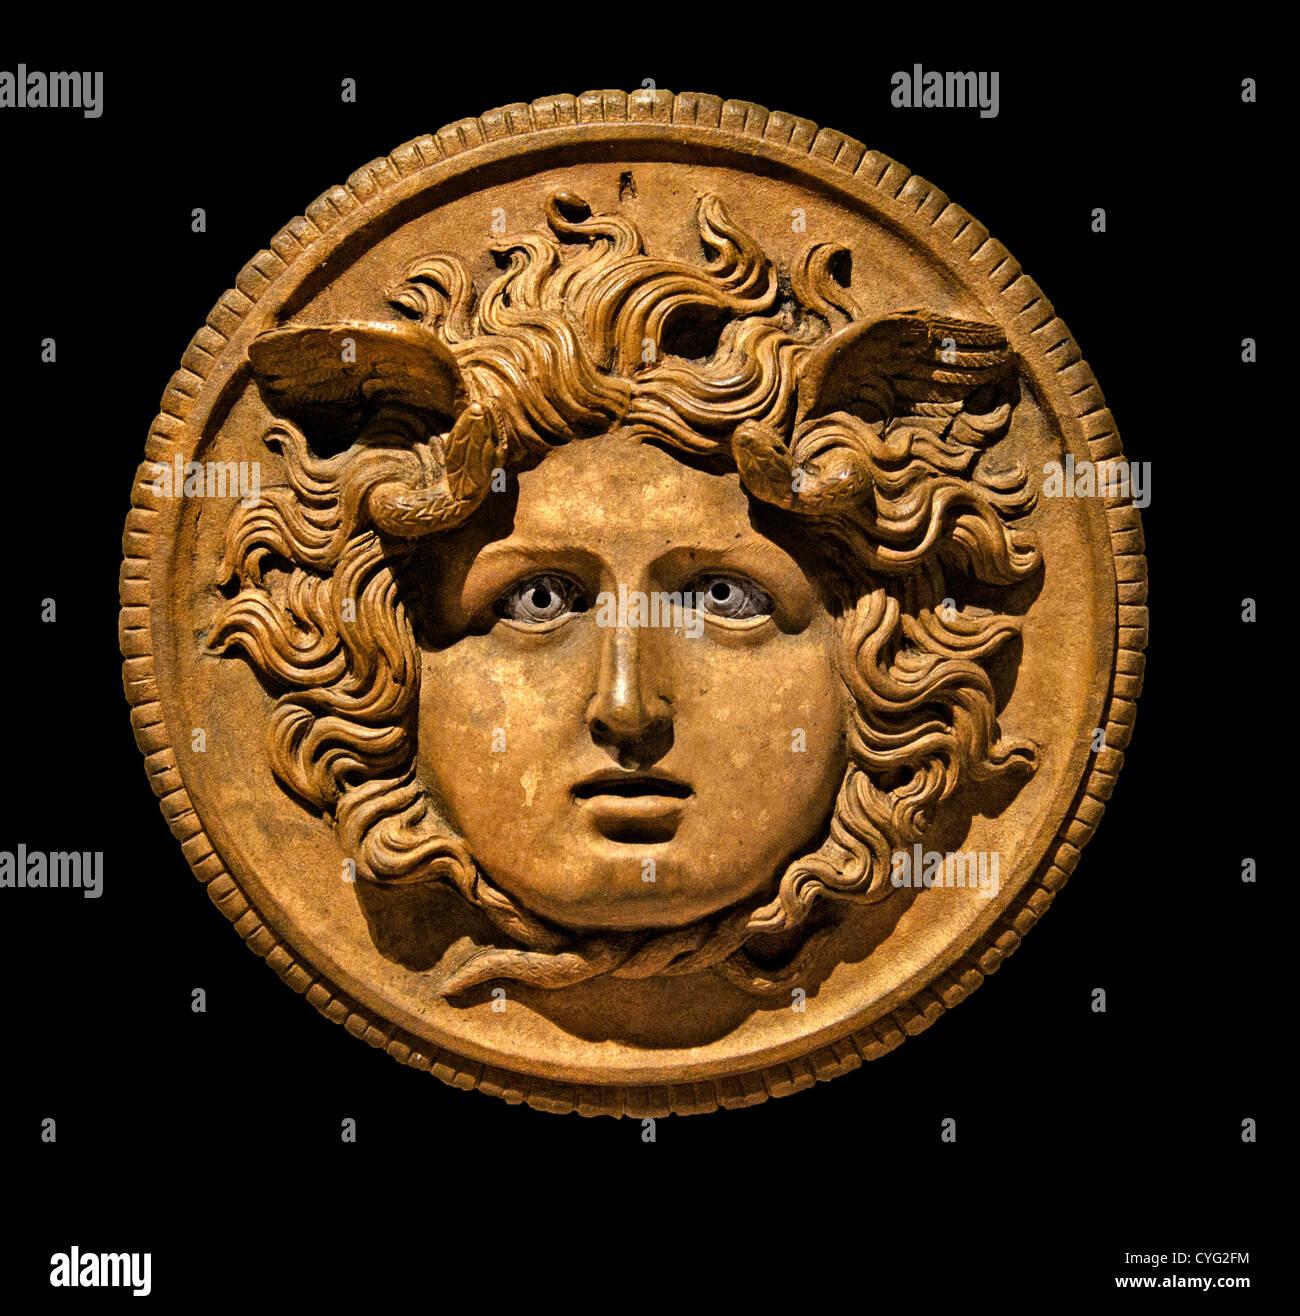 Tête de Méduse ornement en bronze à partir d'un char impérial 1er pôle-2ème siècle Photo Stock